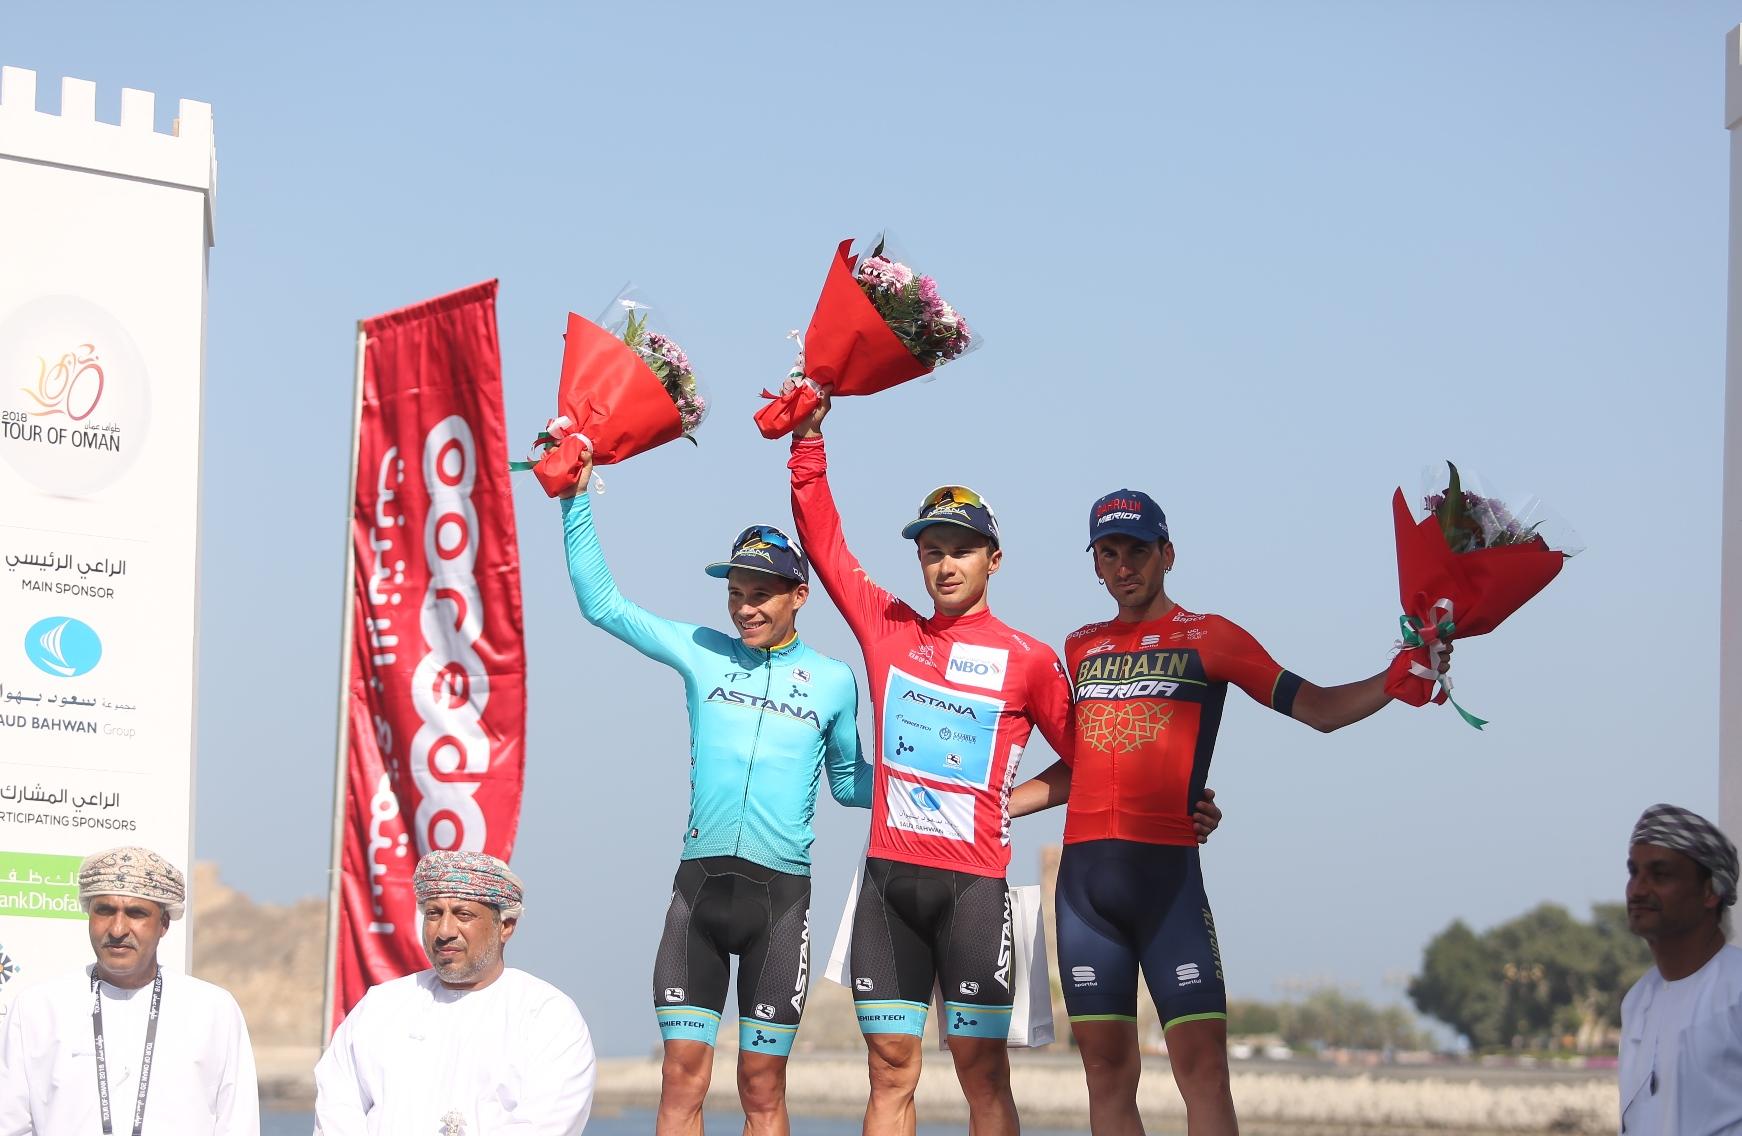 Cycling: Alexey Lutsenko wins 2018 Tour of Oman